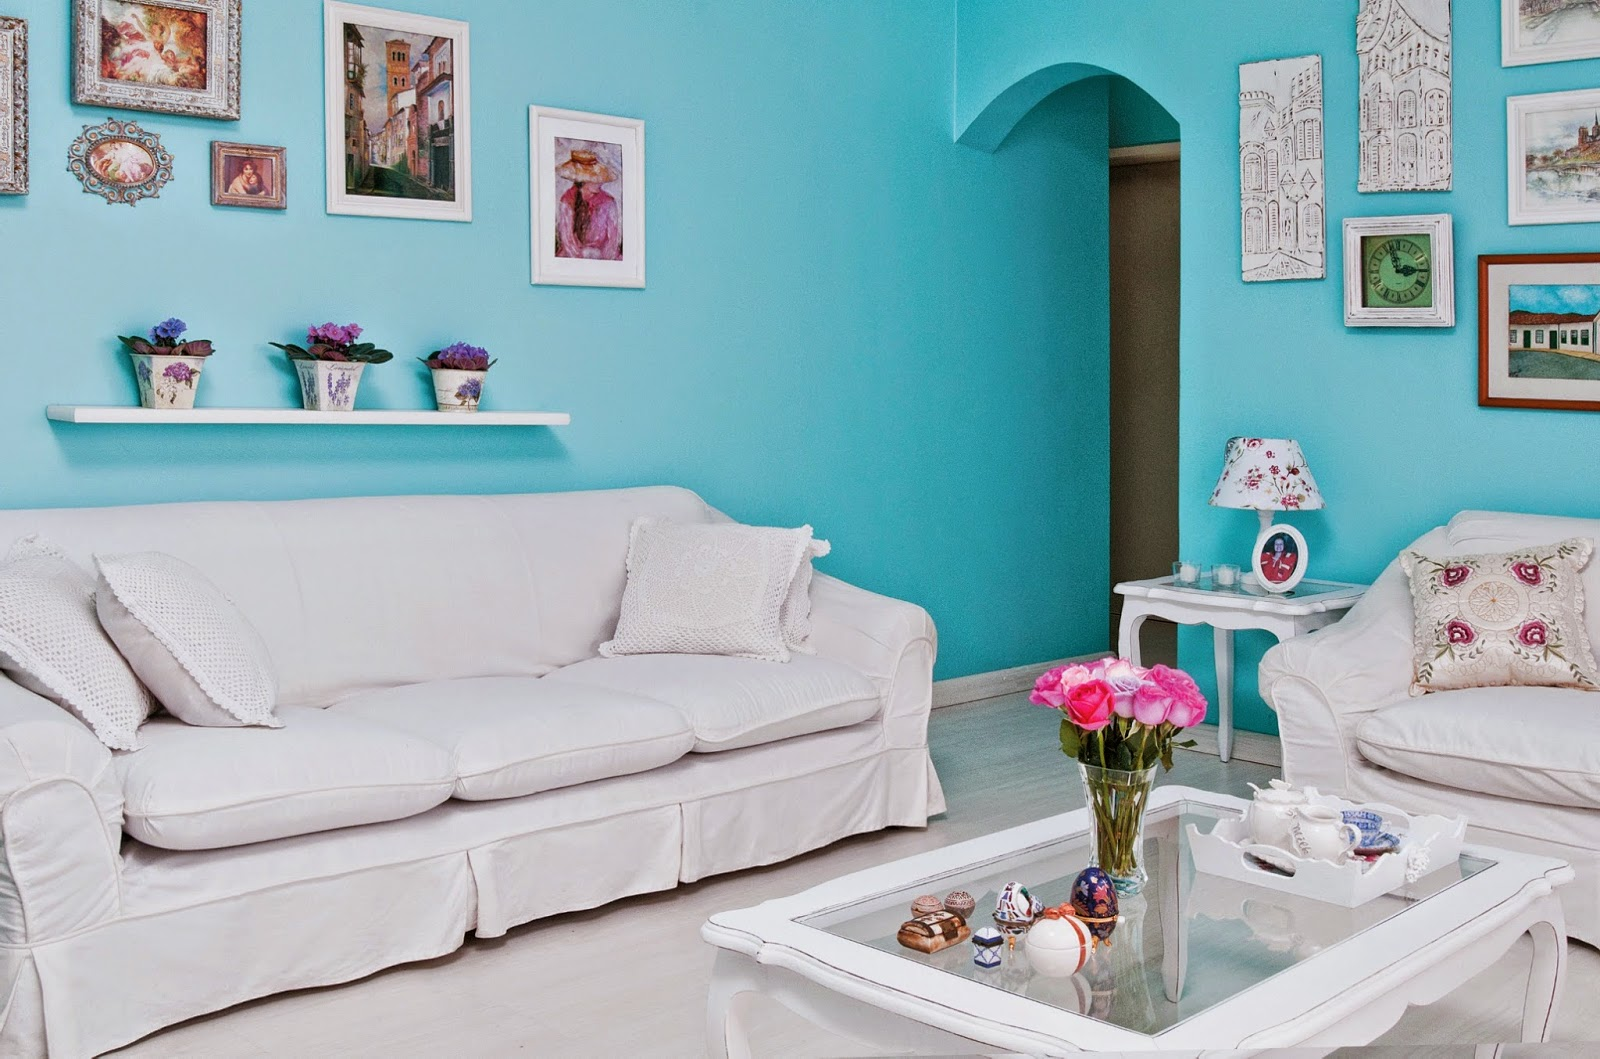 Lais raquel respire e se inspire azul turquesa s2 for Paredes azul turquesa